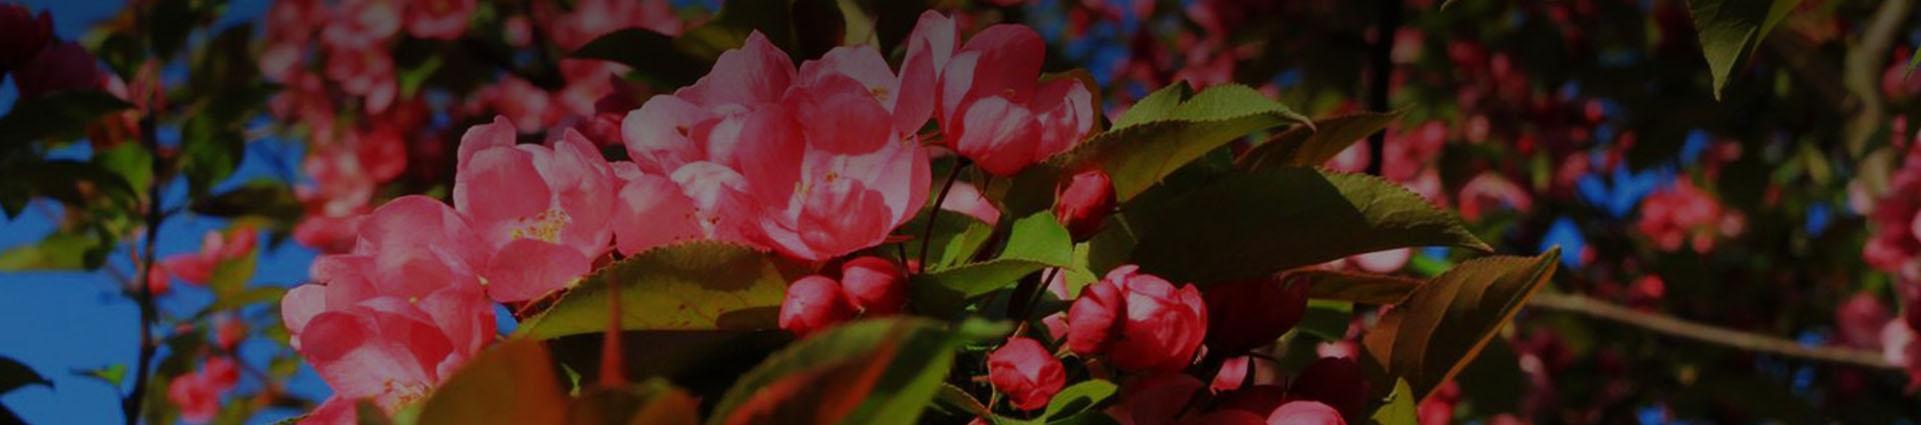 Rozkwitnięte kwiaty